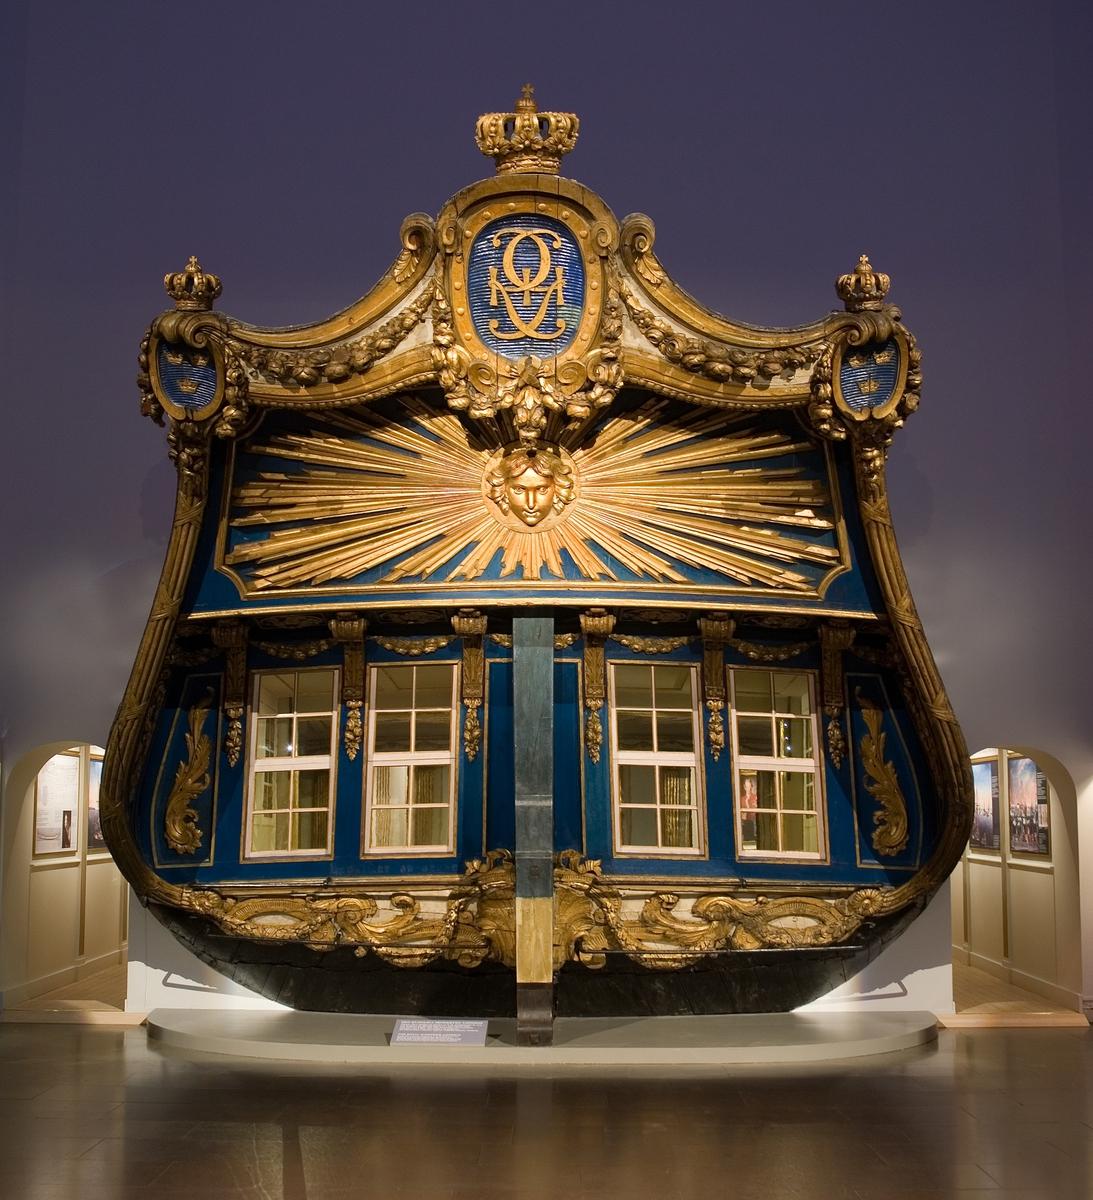 Kunglig skonert byggd på Djurgårdsvarvet 1778 efter F.H. af Chapmans ritning. Ornament skurna av Per Ljung.